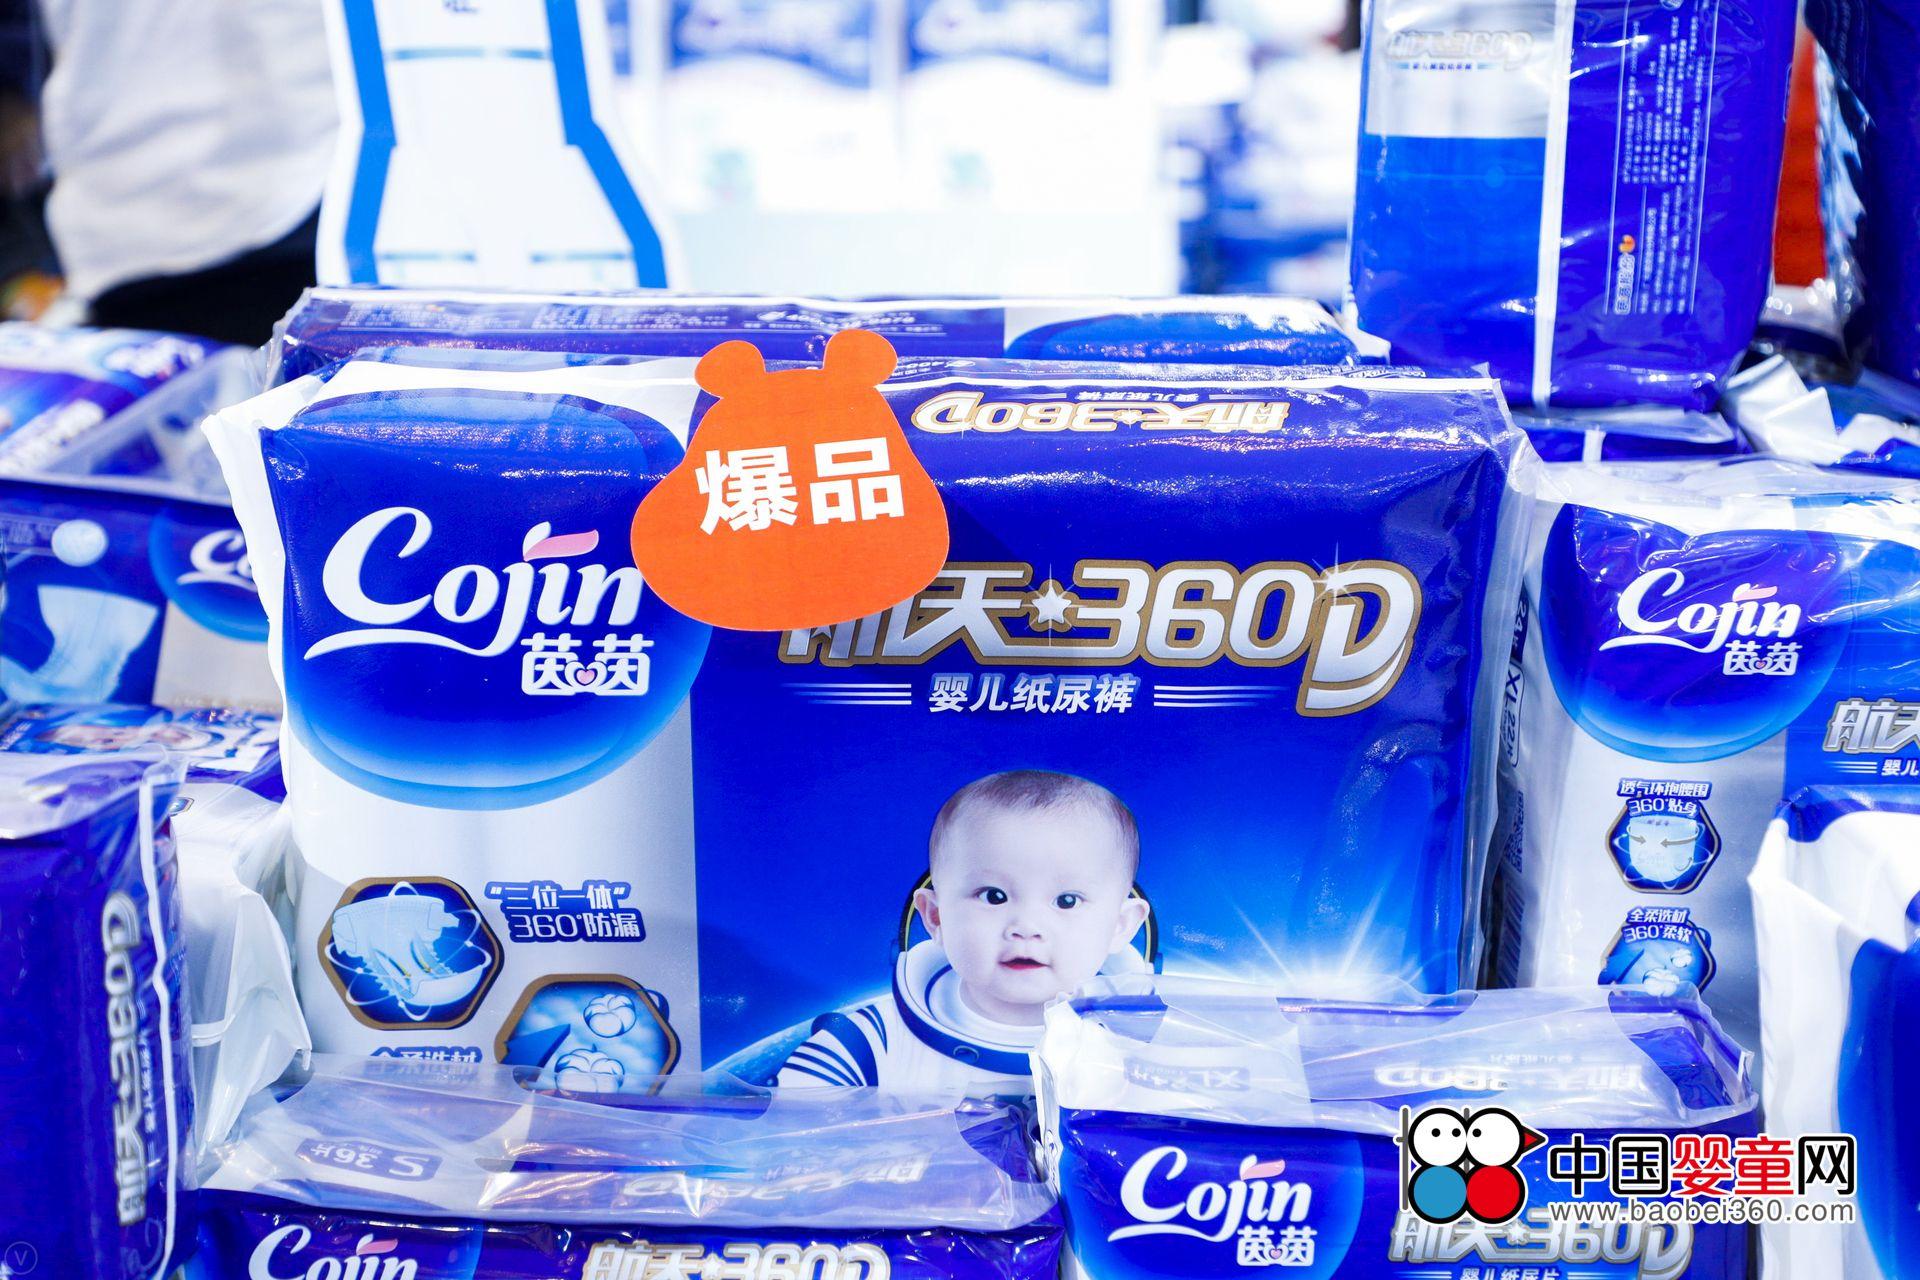 顺势出击·布局2018!茵茵股份闪亮出席中亿孕婴新年订货会! 3